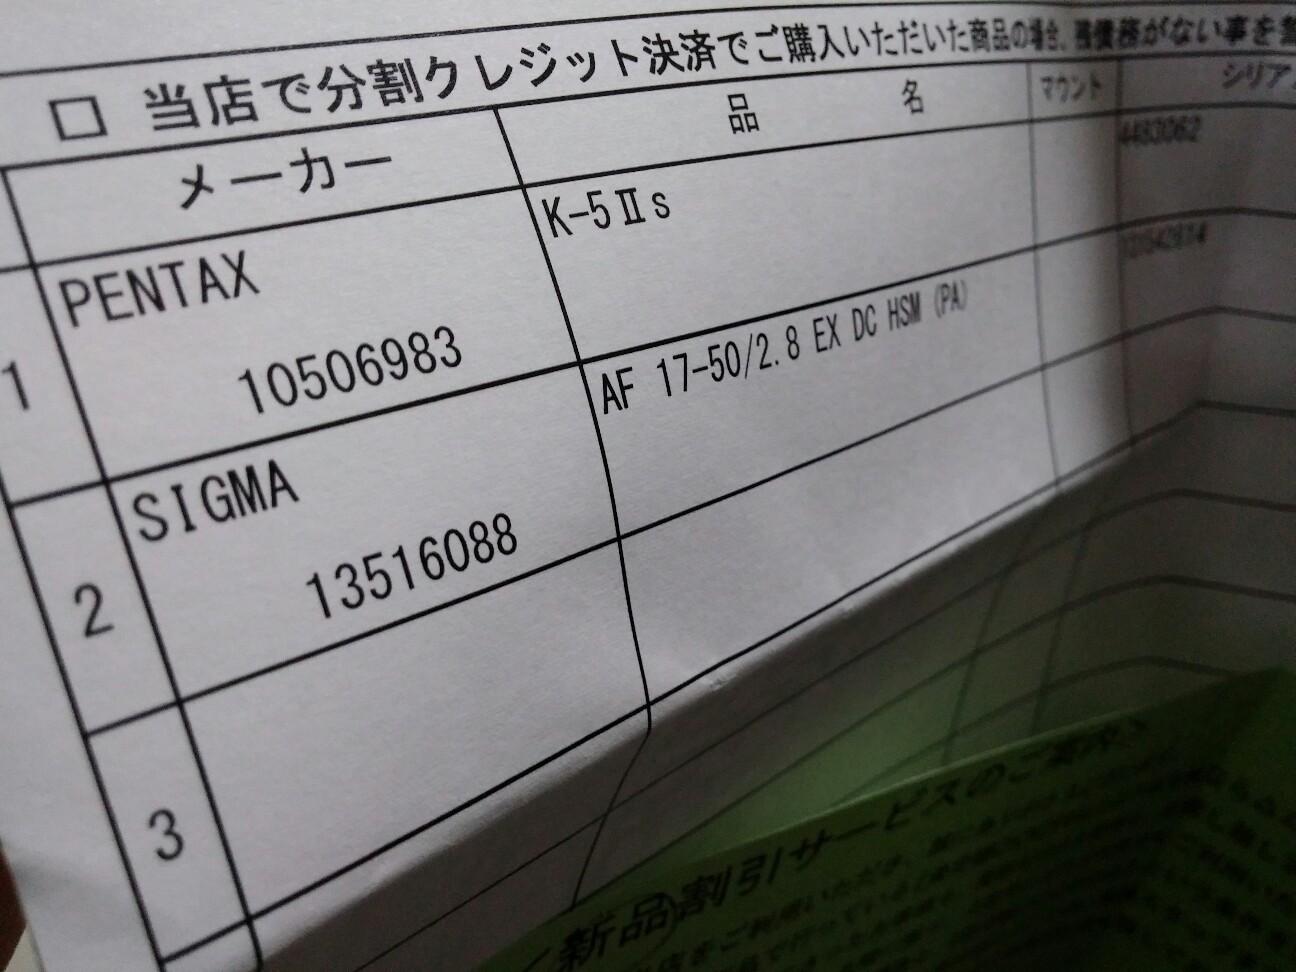 f:id:KAzuma:20160801235717j:plain